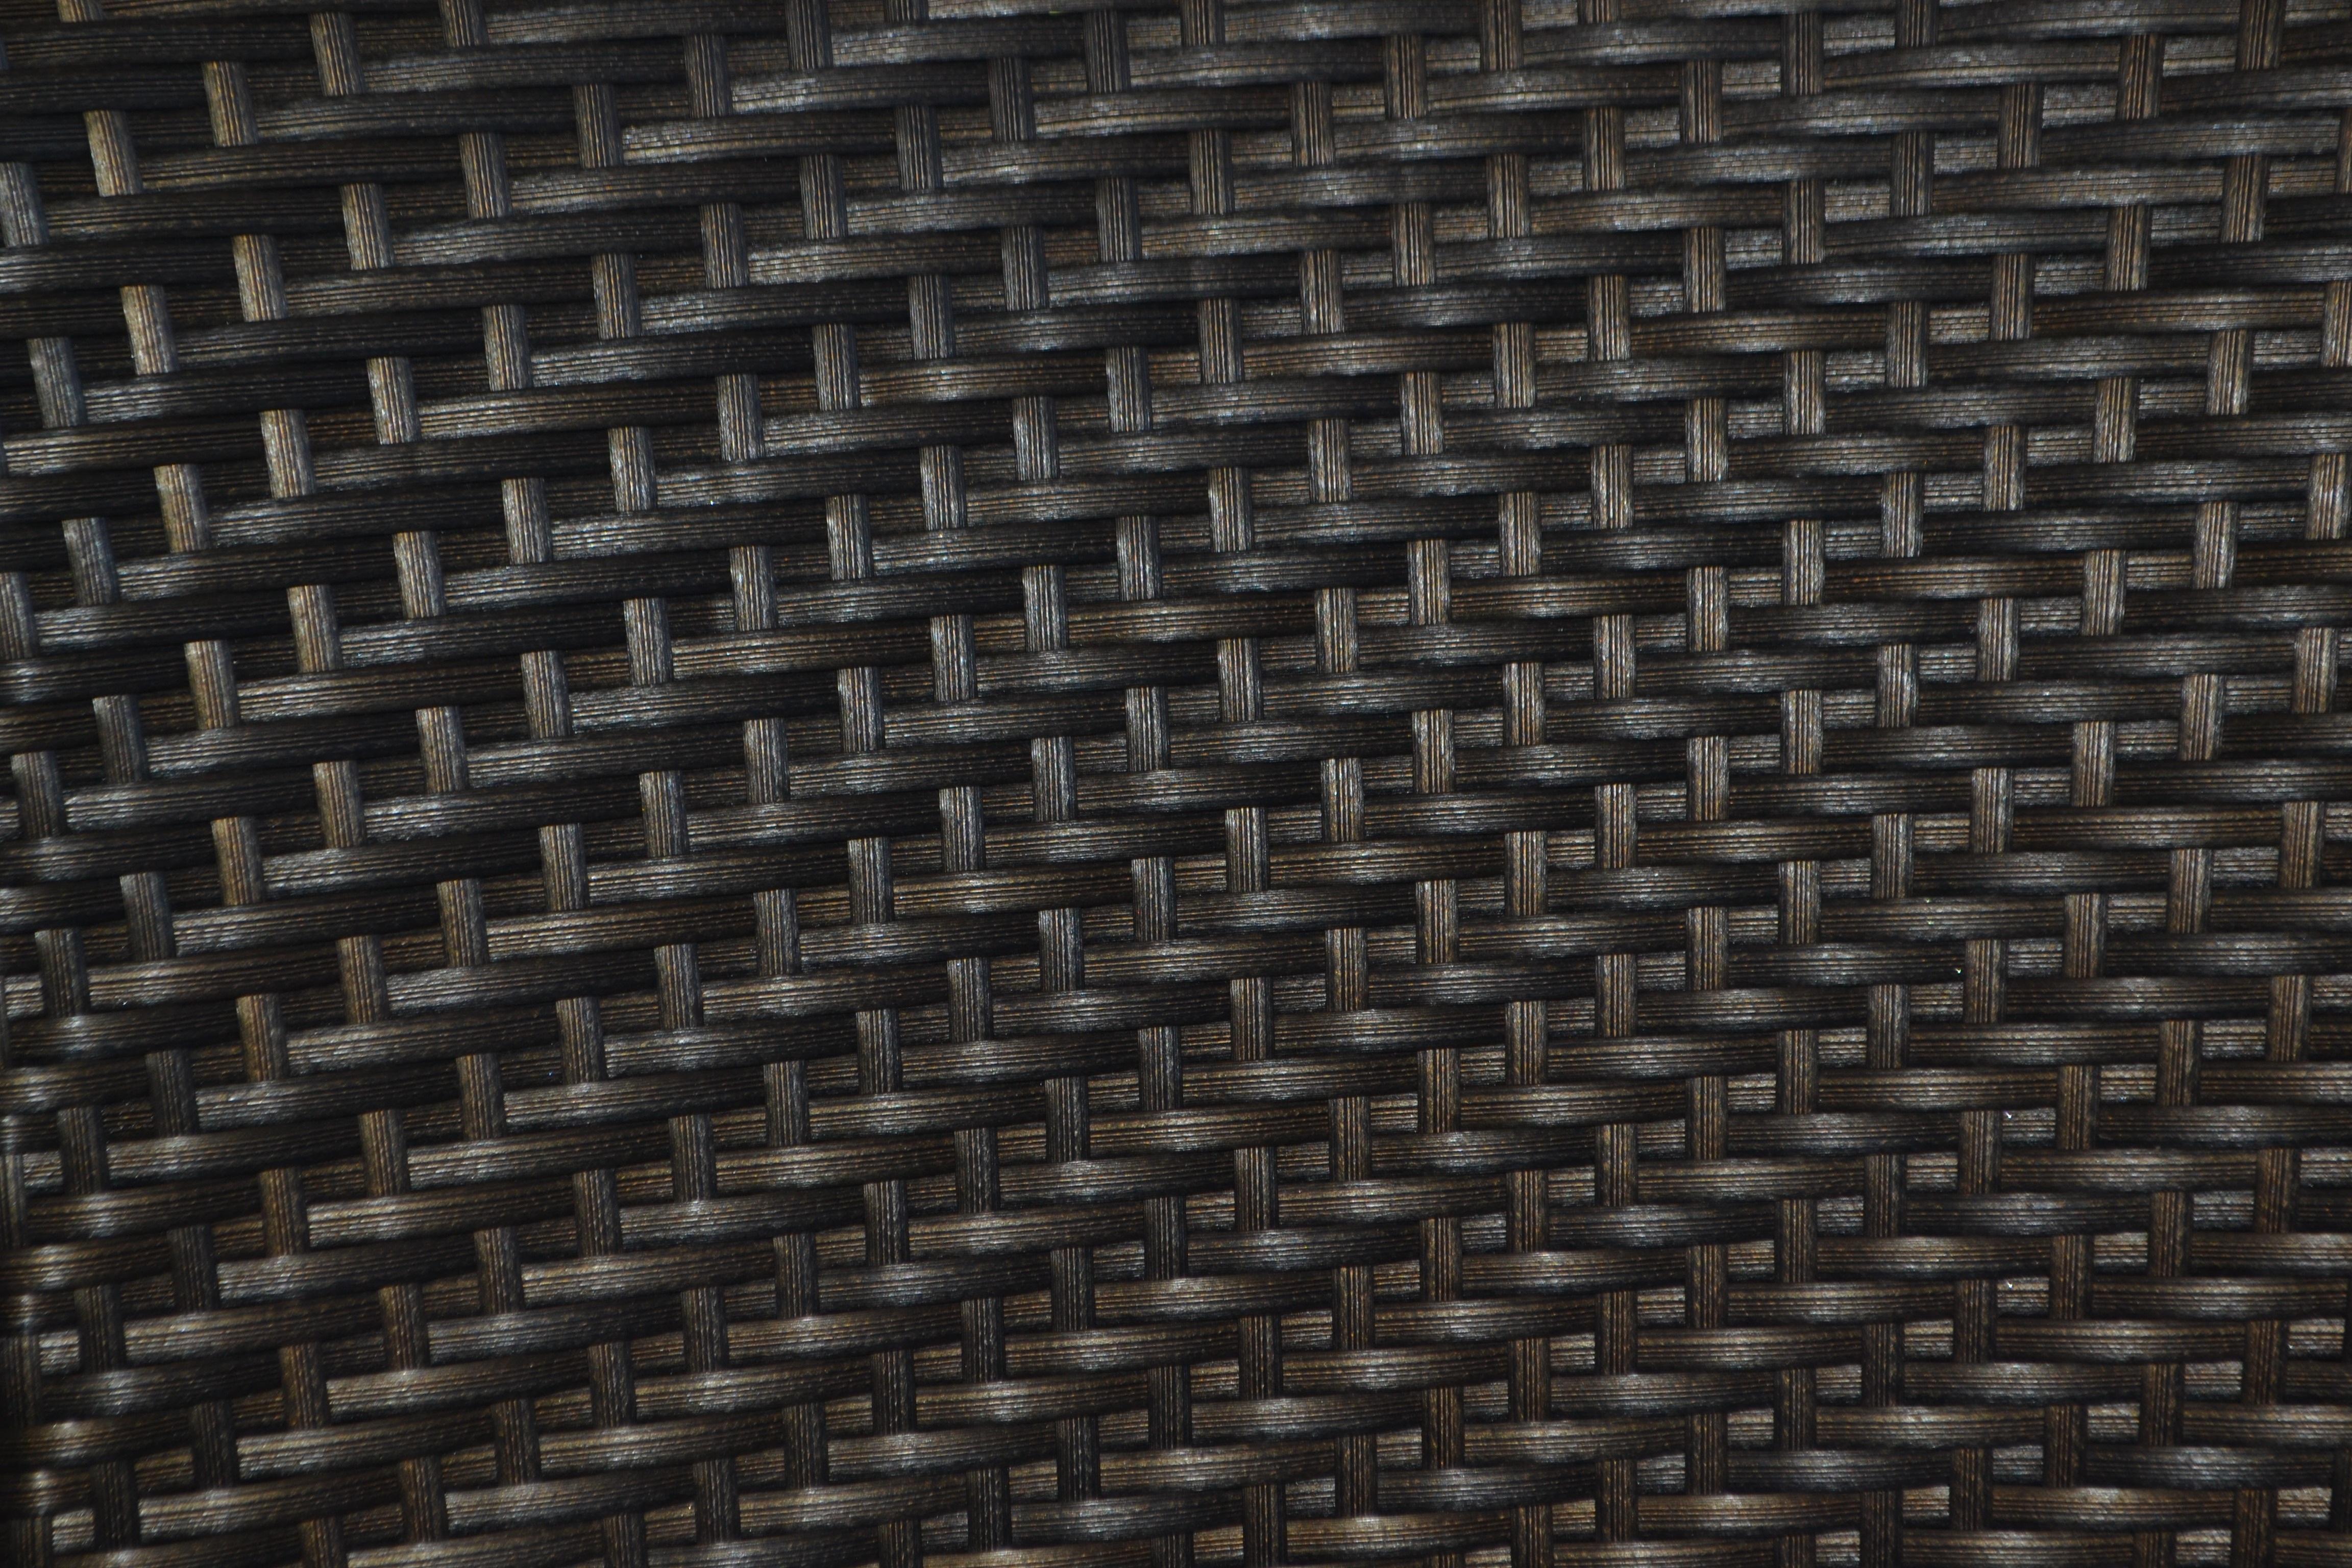 Fotos gratis : textura, piso, guijarro, pared, patrón, línea, negro ...